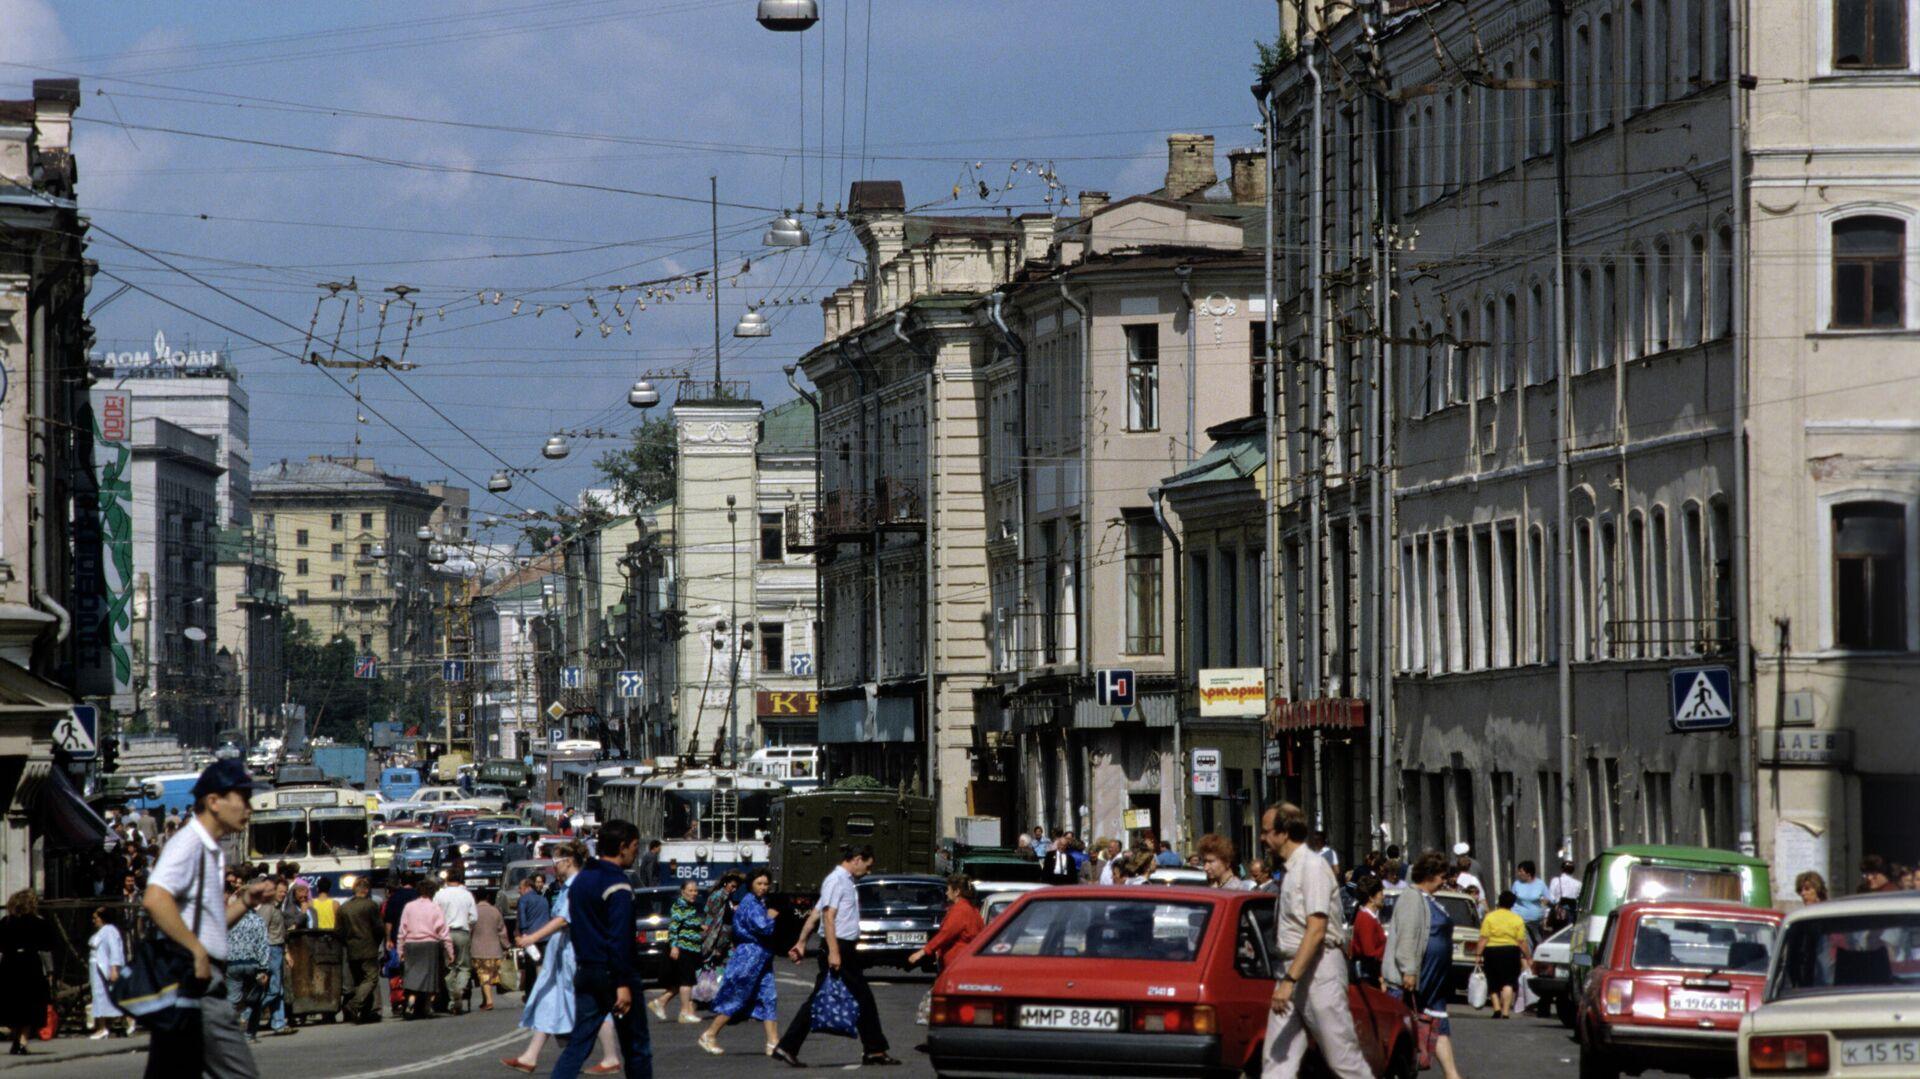 Улица Сретенка в Москве - РИА Новости, 1920, 17.09.2020